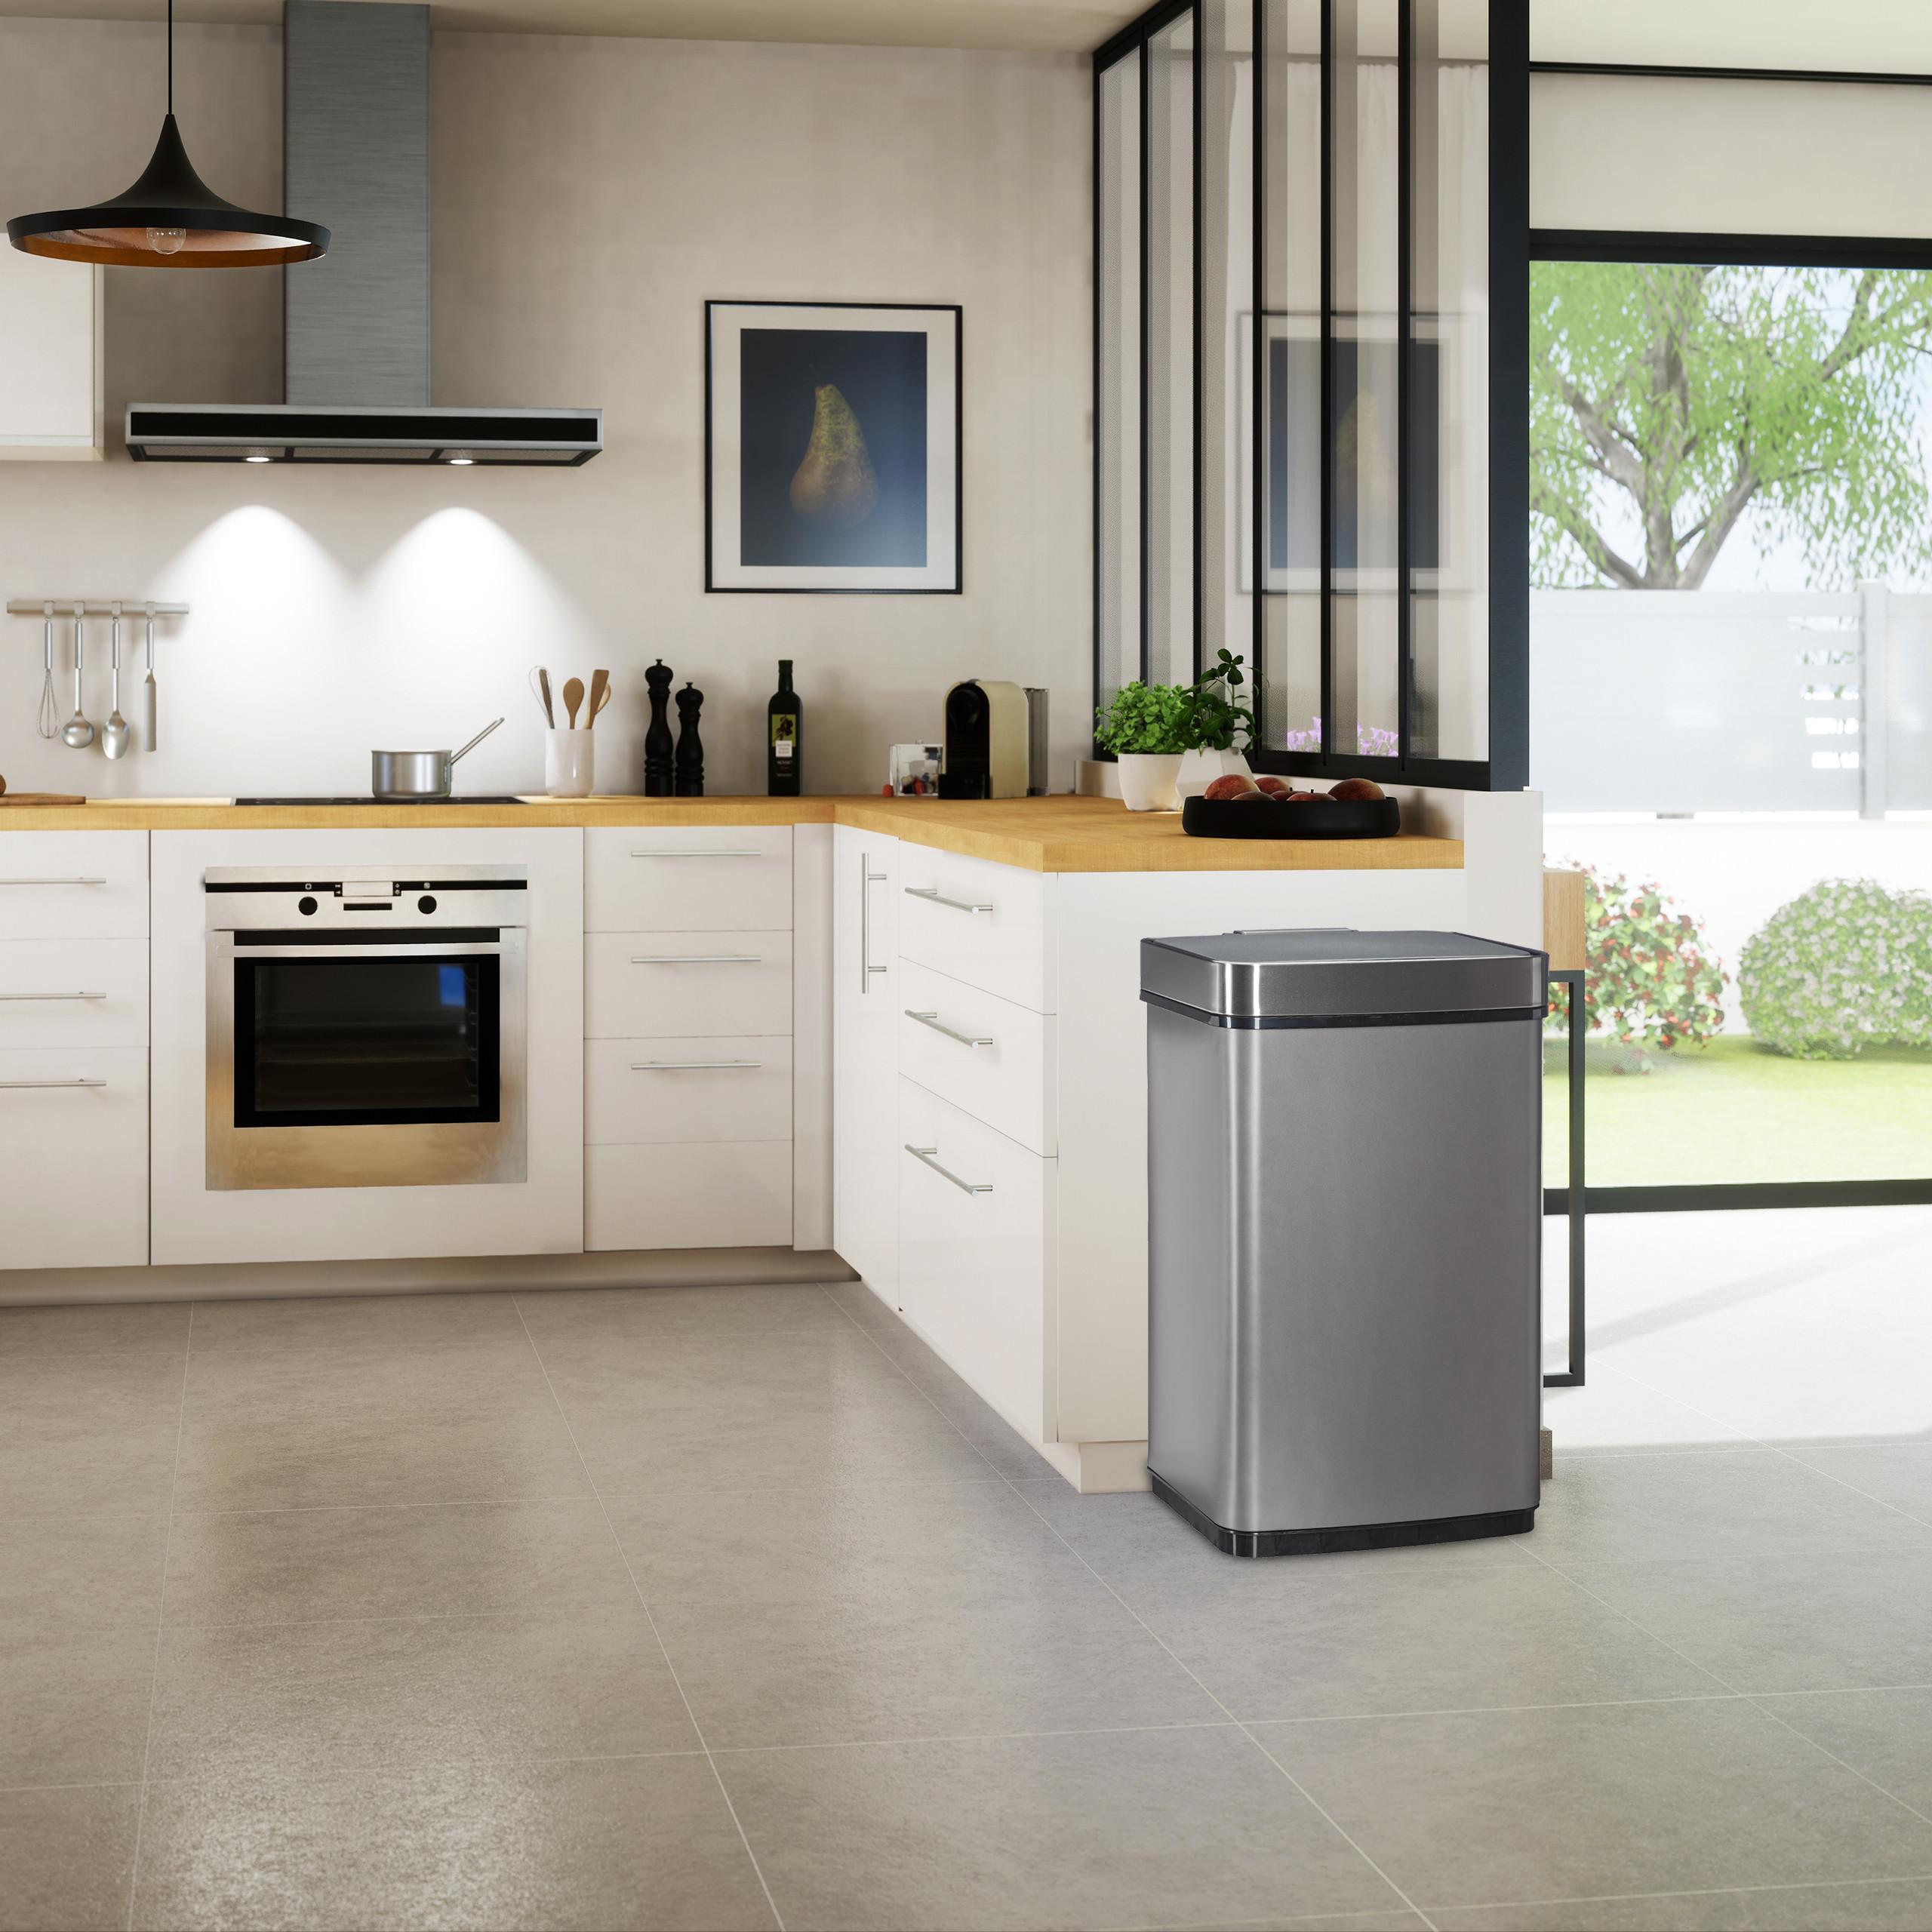 Full Size of Sensor Mlleimer 60l Abfalleimer Kchenmlleimer Abfallbehlter Wohnzimmer Küchenabfalleimer